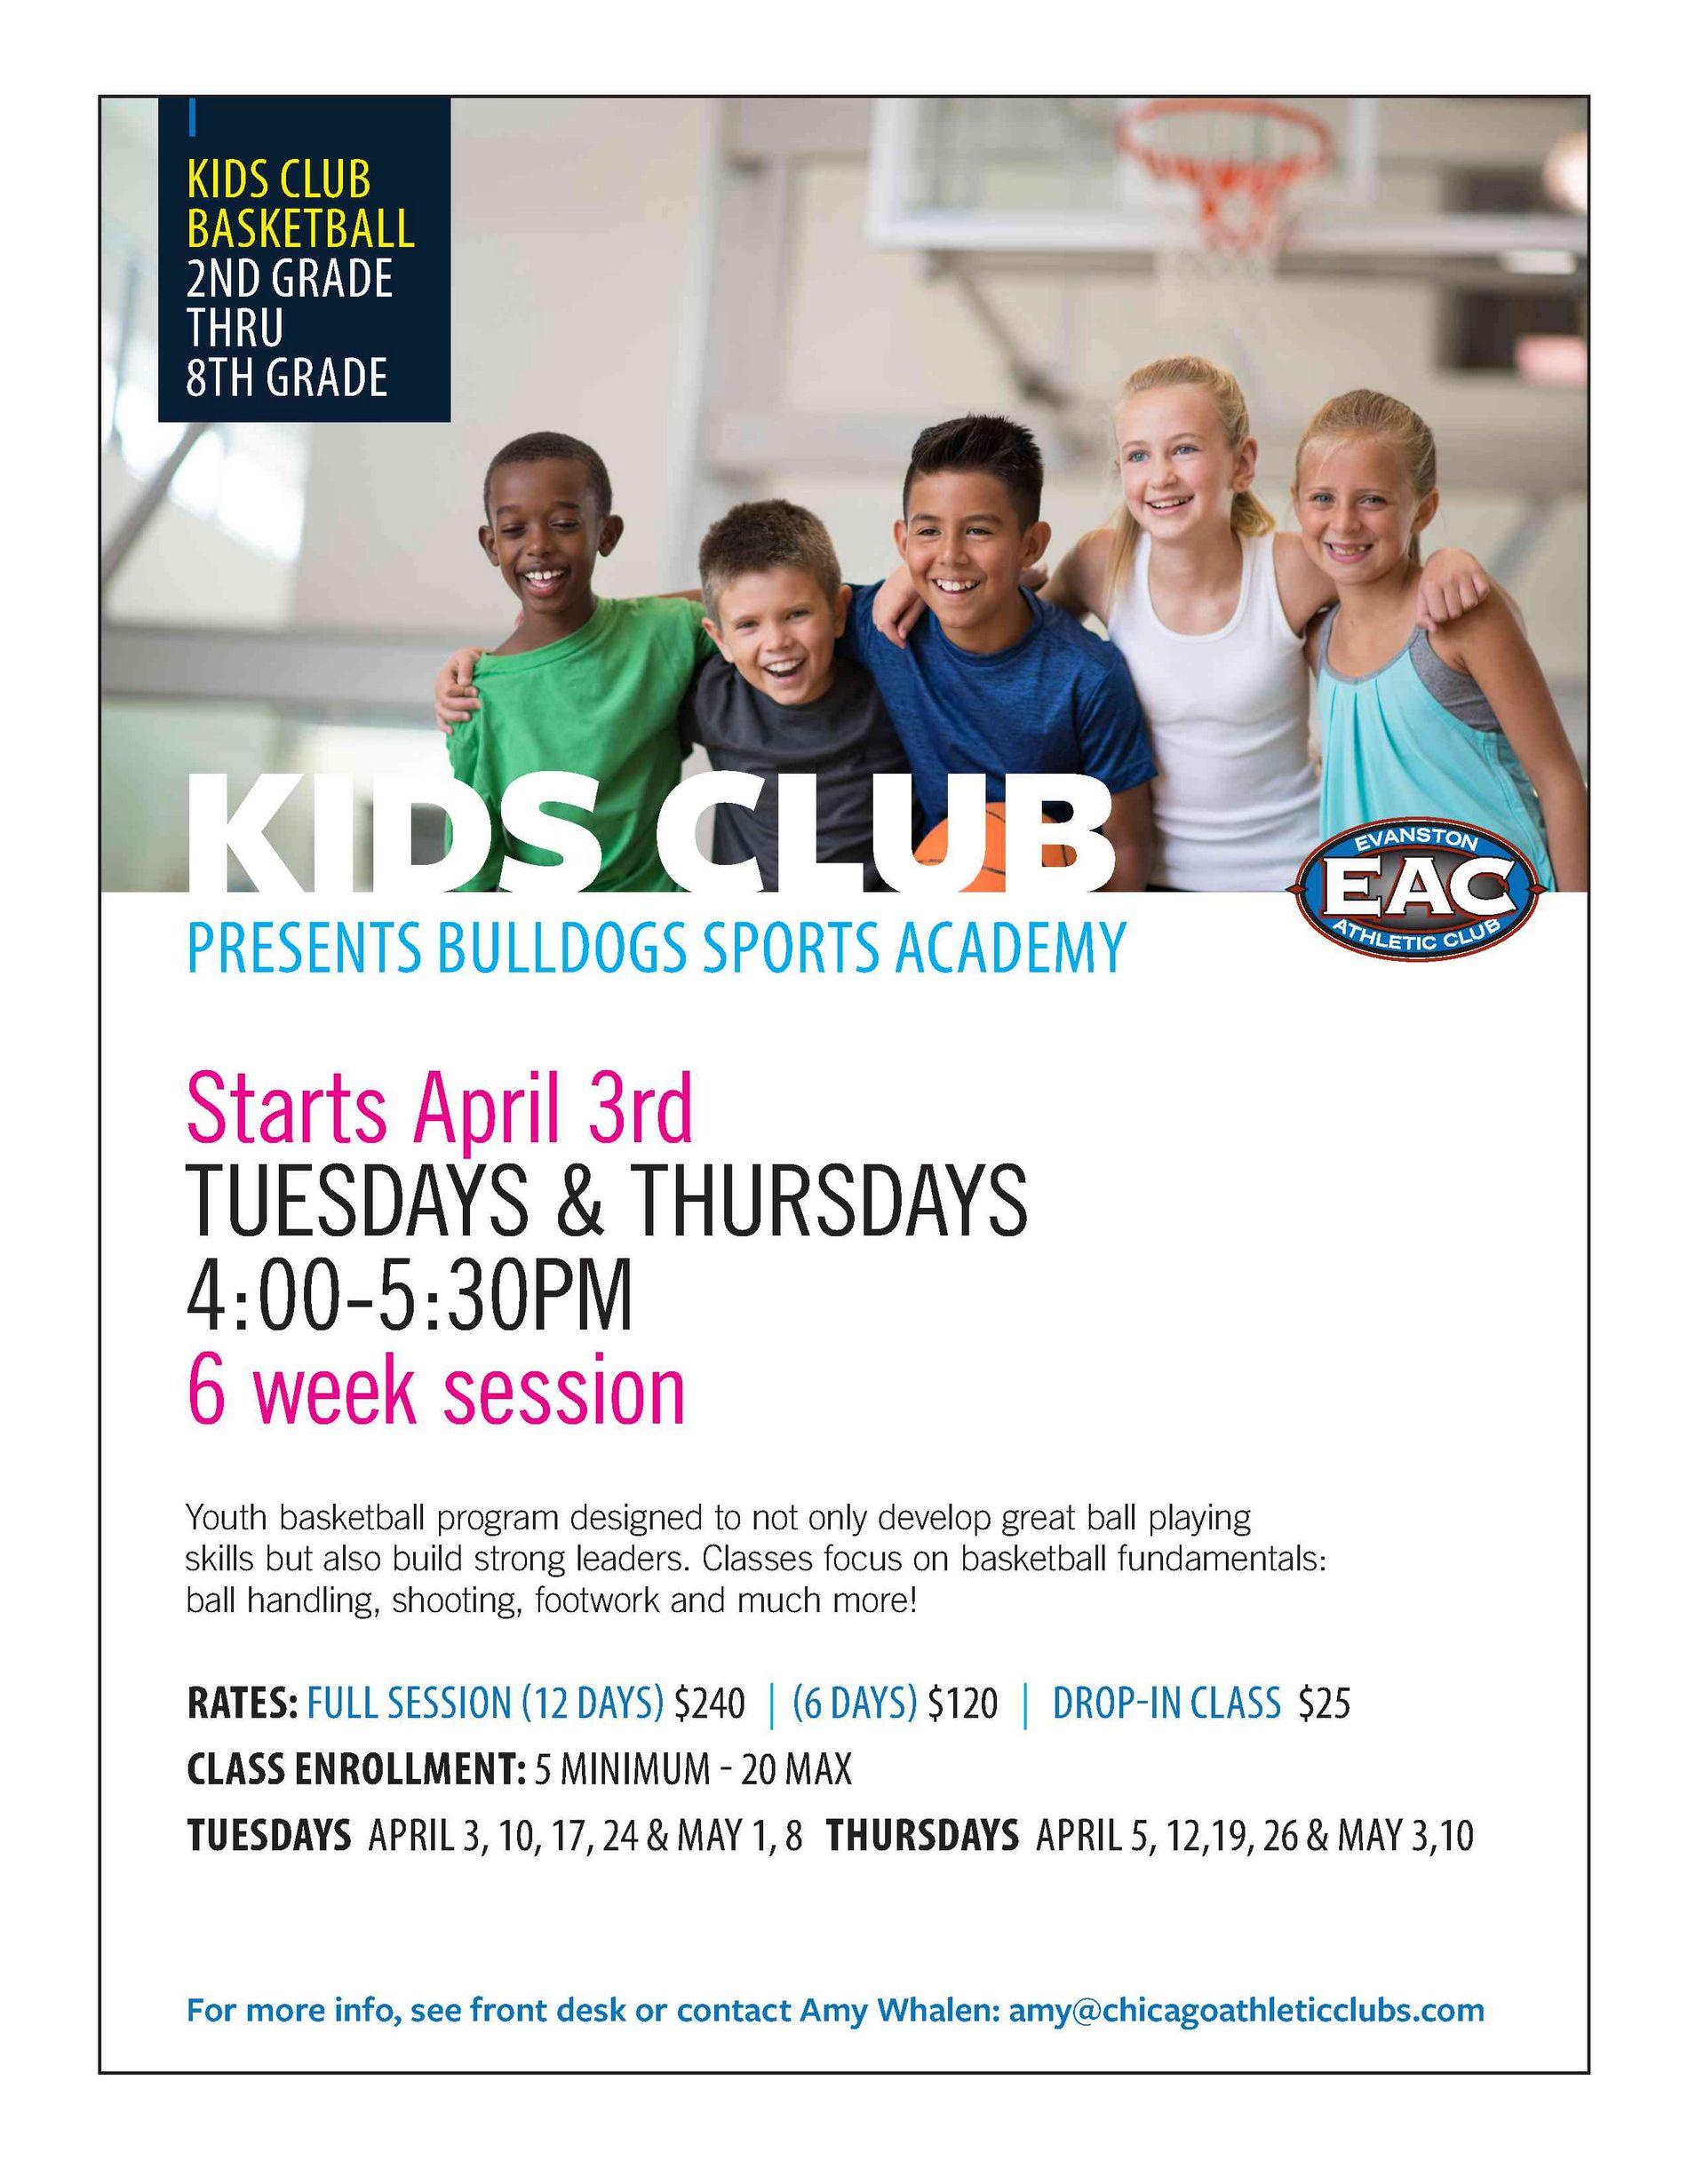 EAC_KidsClub_YouthBasketball_03.1.18